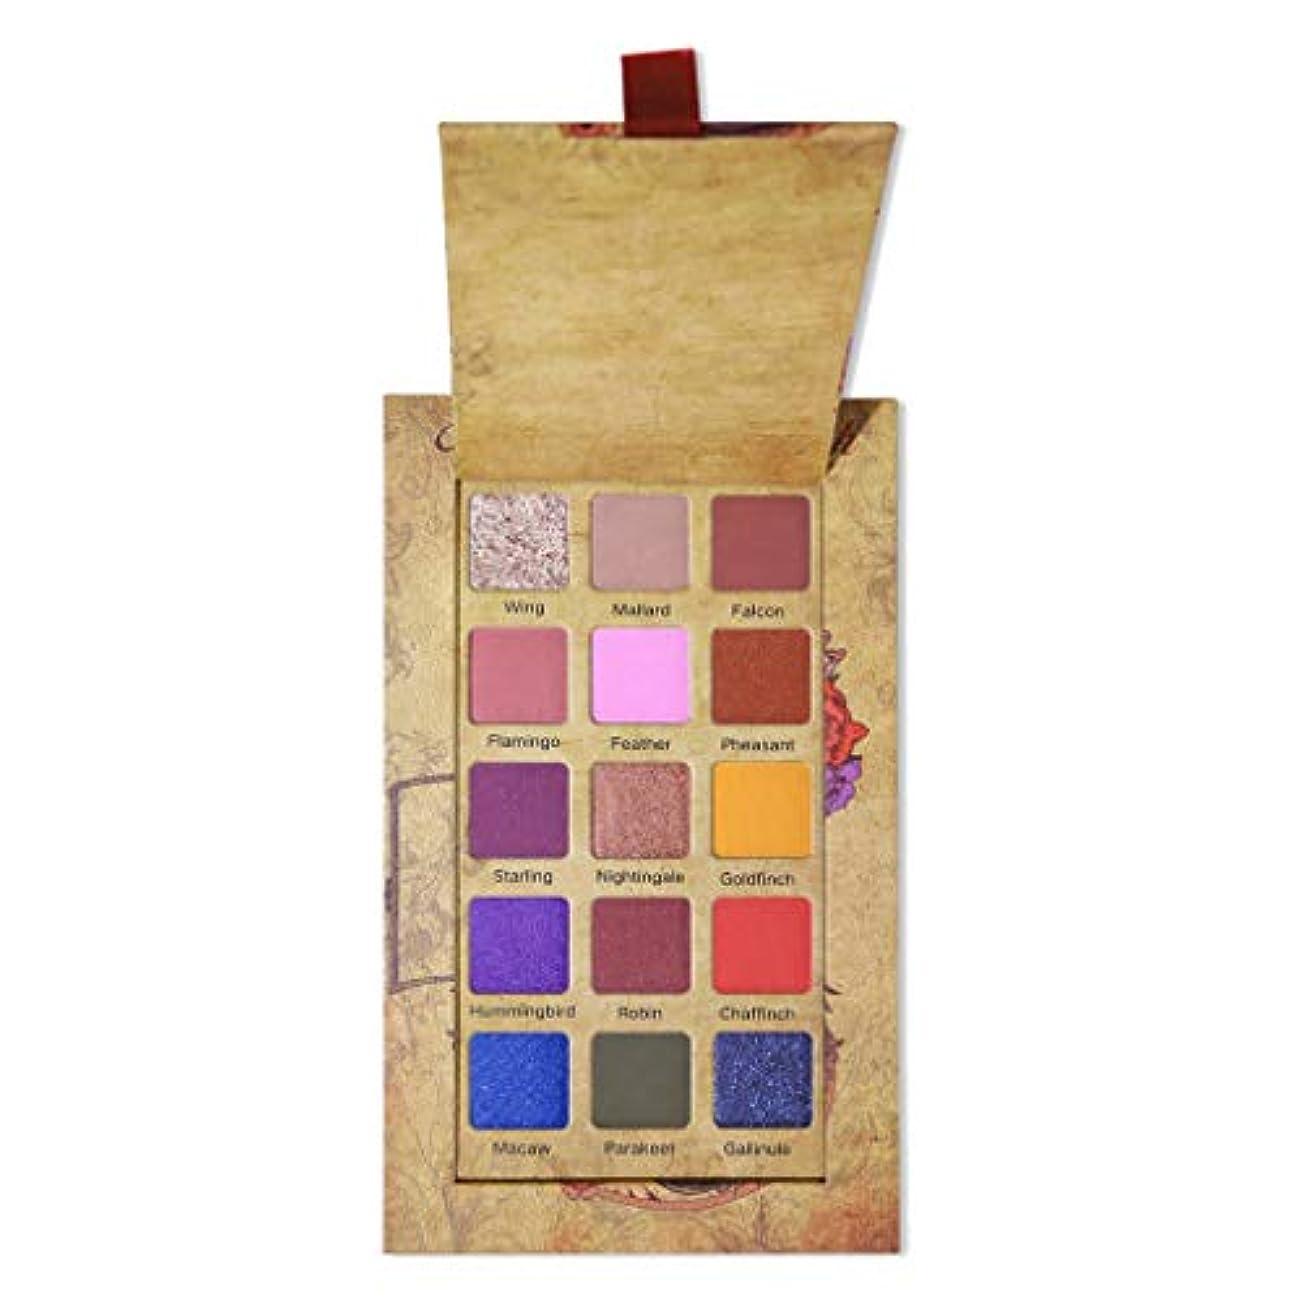 一般的なフリッパー靄REWAGO 化粧アイシャドウパレット、高級15色きらめきグリッター防水メイクアップアイシャドウパウダーパレットシャイニングマットアイシャドウプレートアイ化粧品 (多色)